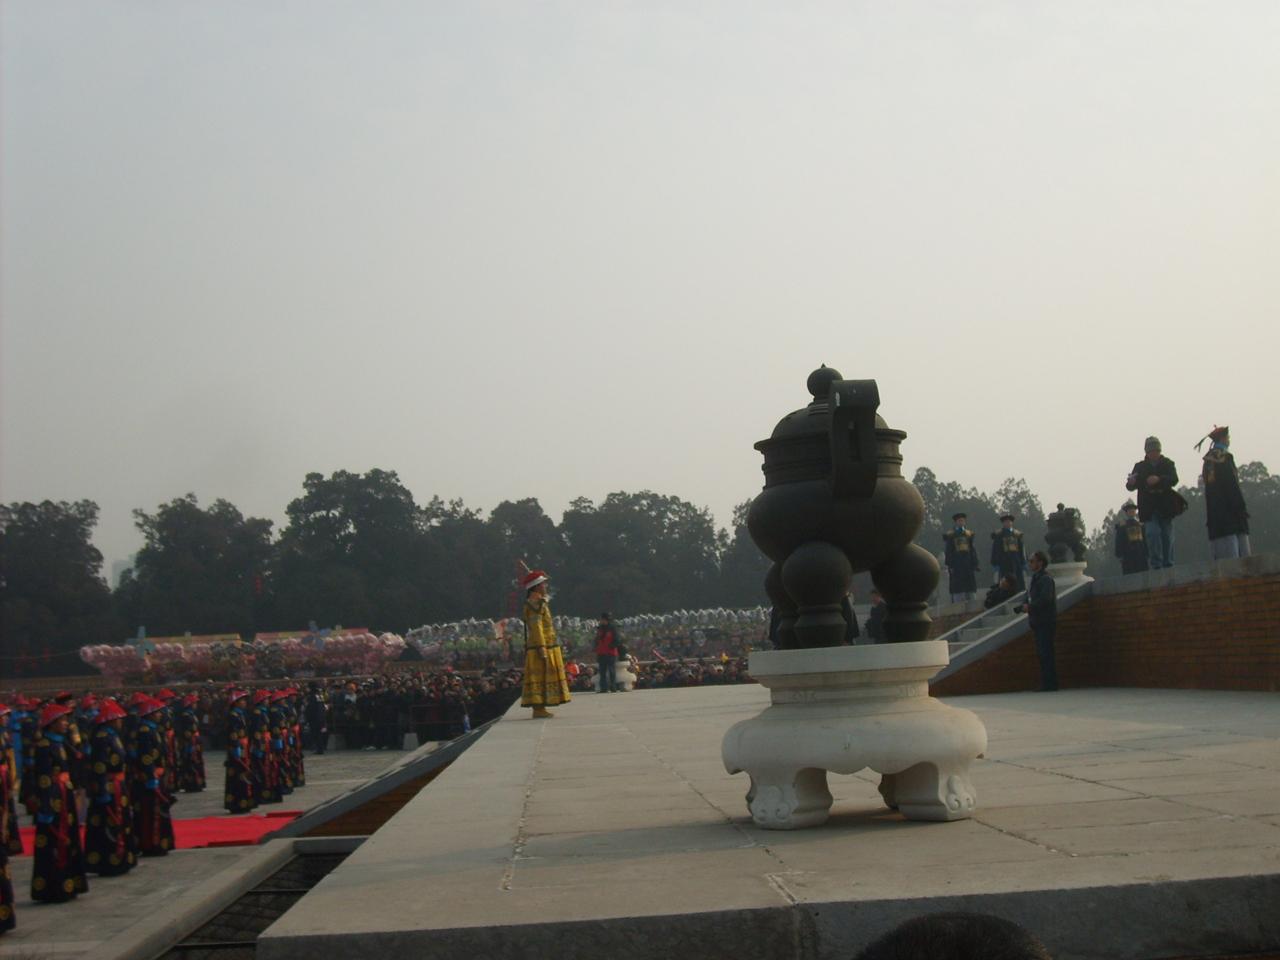 지단에서 제사지내는 청나라 황제의 모습을 재현한 행사. 중국 북경(베이징)의 지단(디탄)공원에서 찍은 사진.